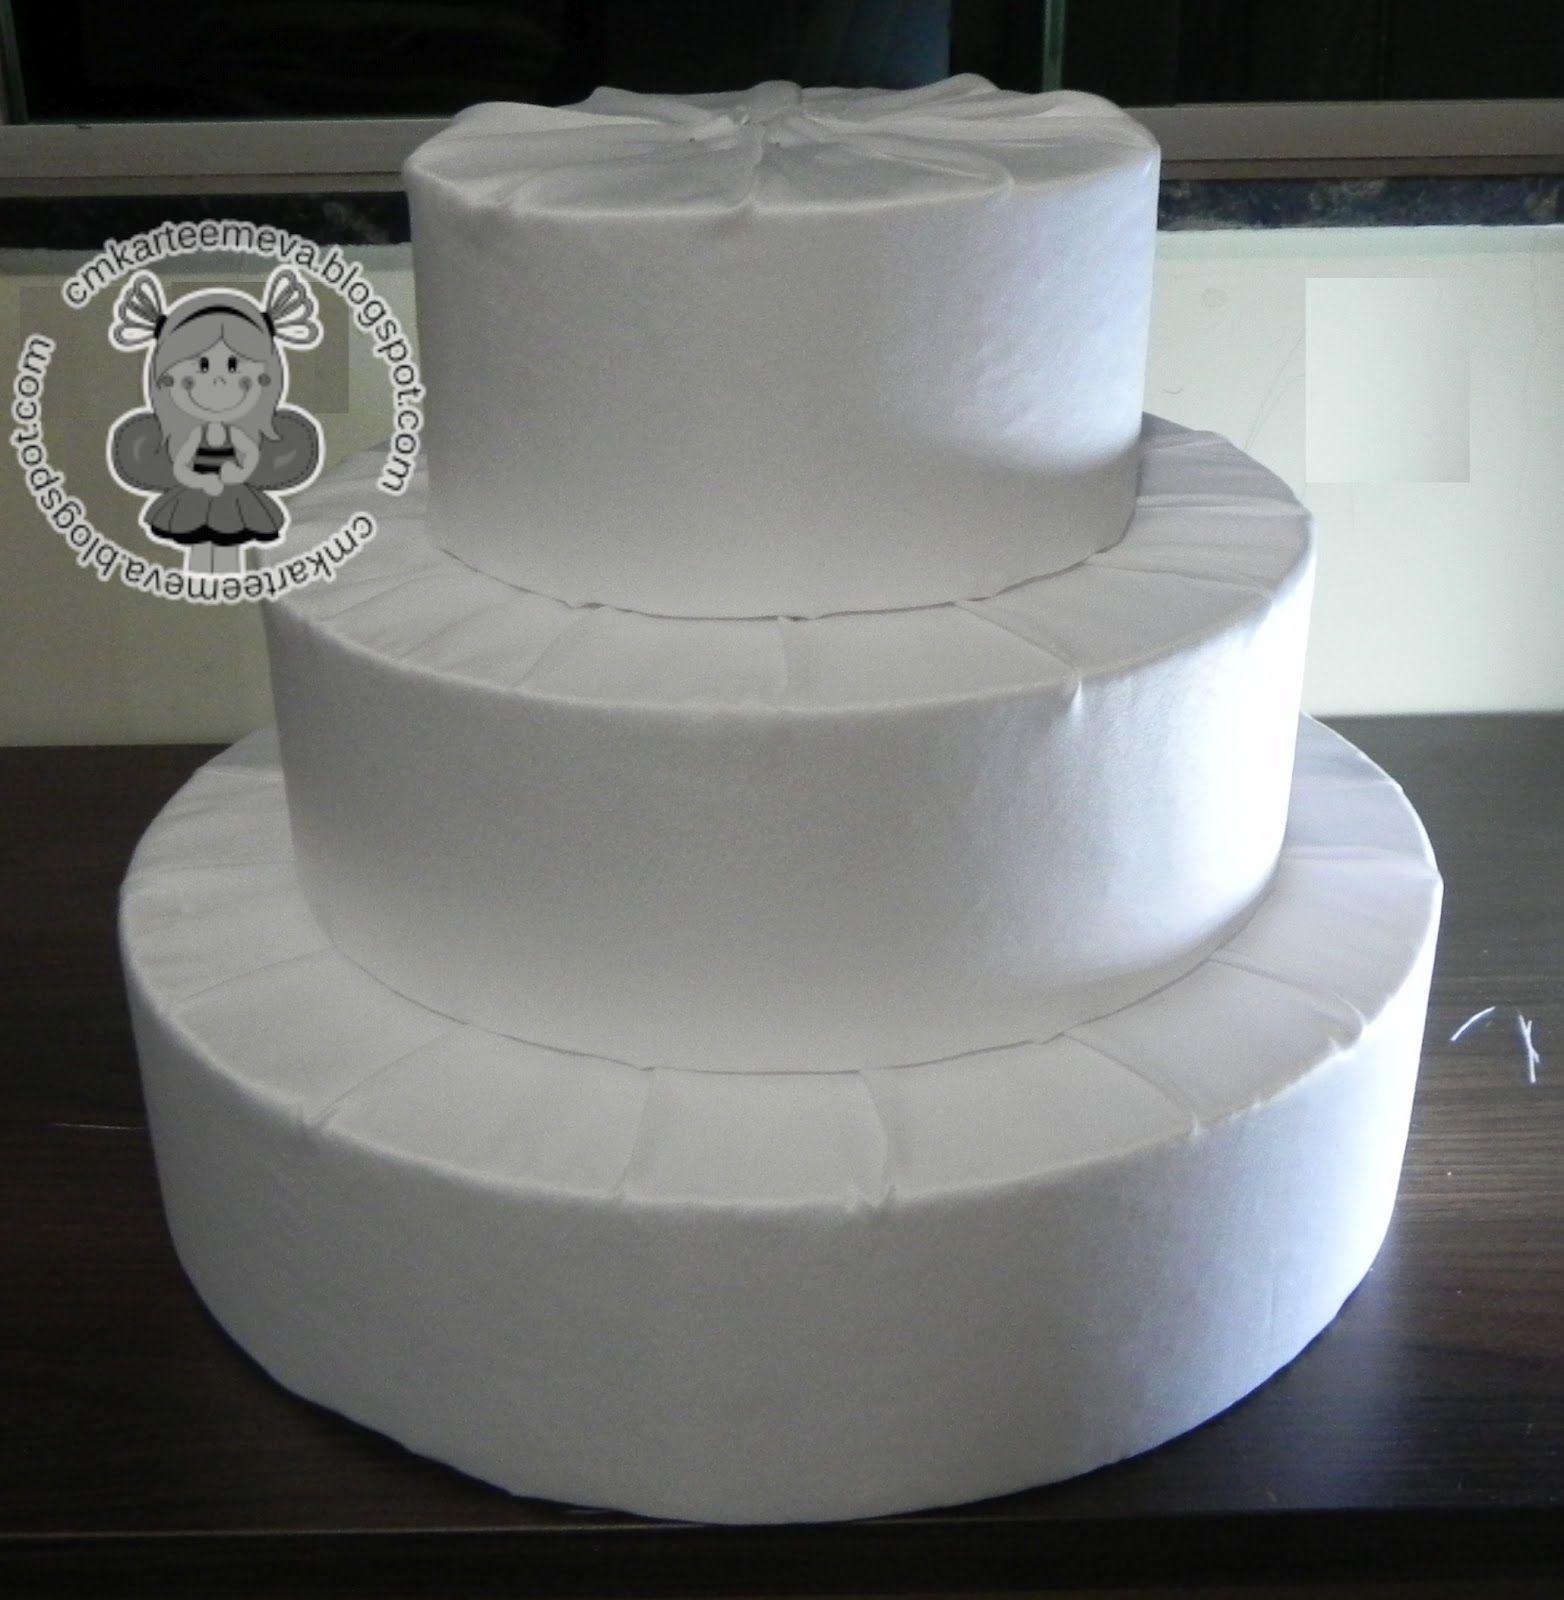 Populares Inspire sua festa » Bolo fake de tecido – Passo a passo | Cakes  PK96